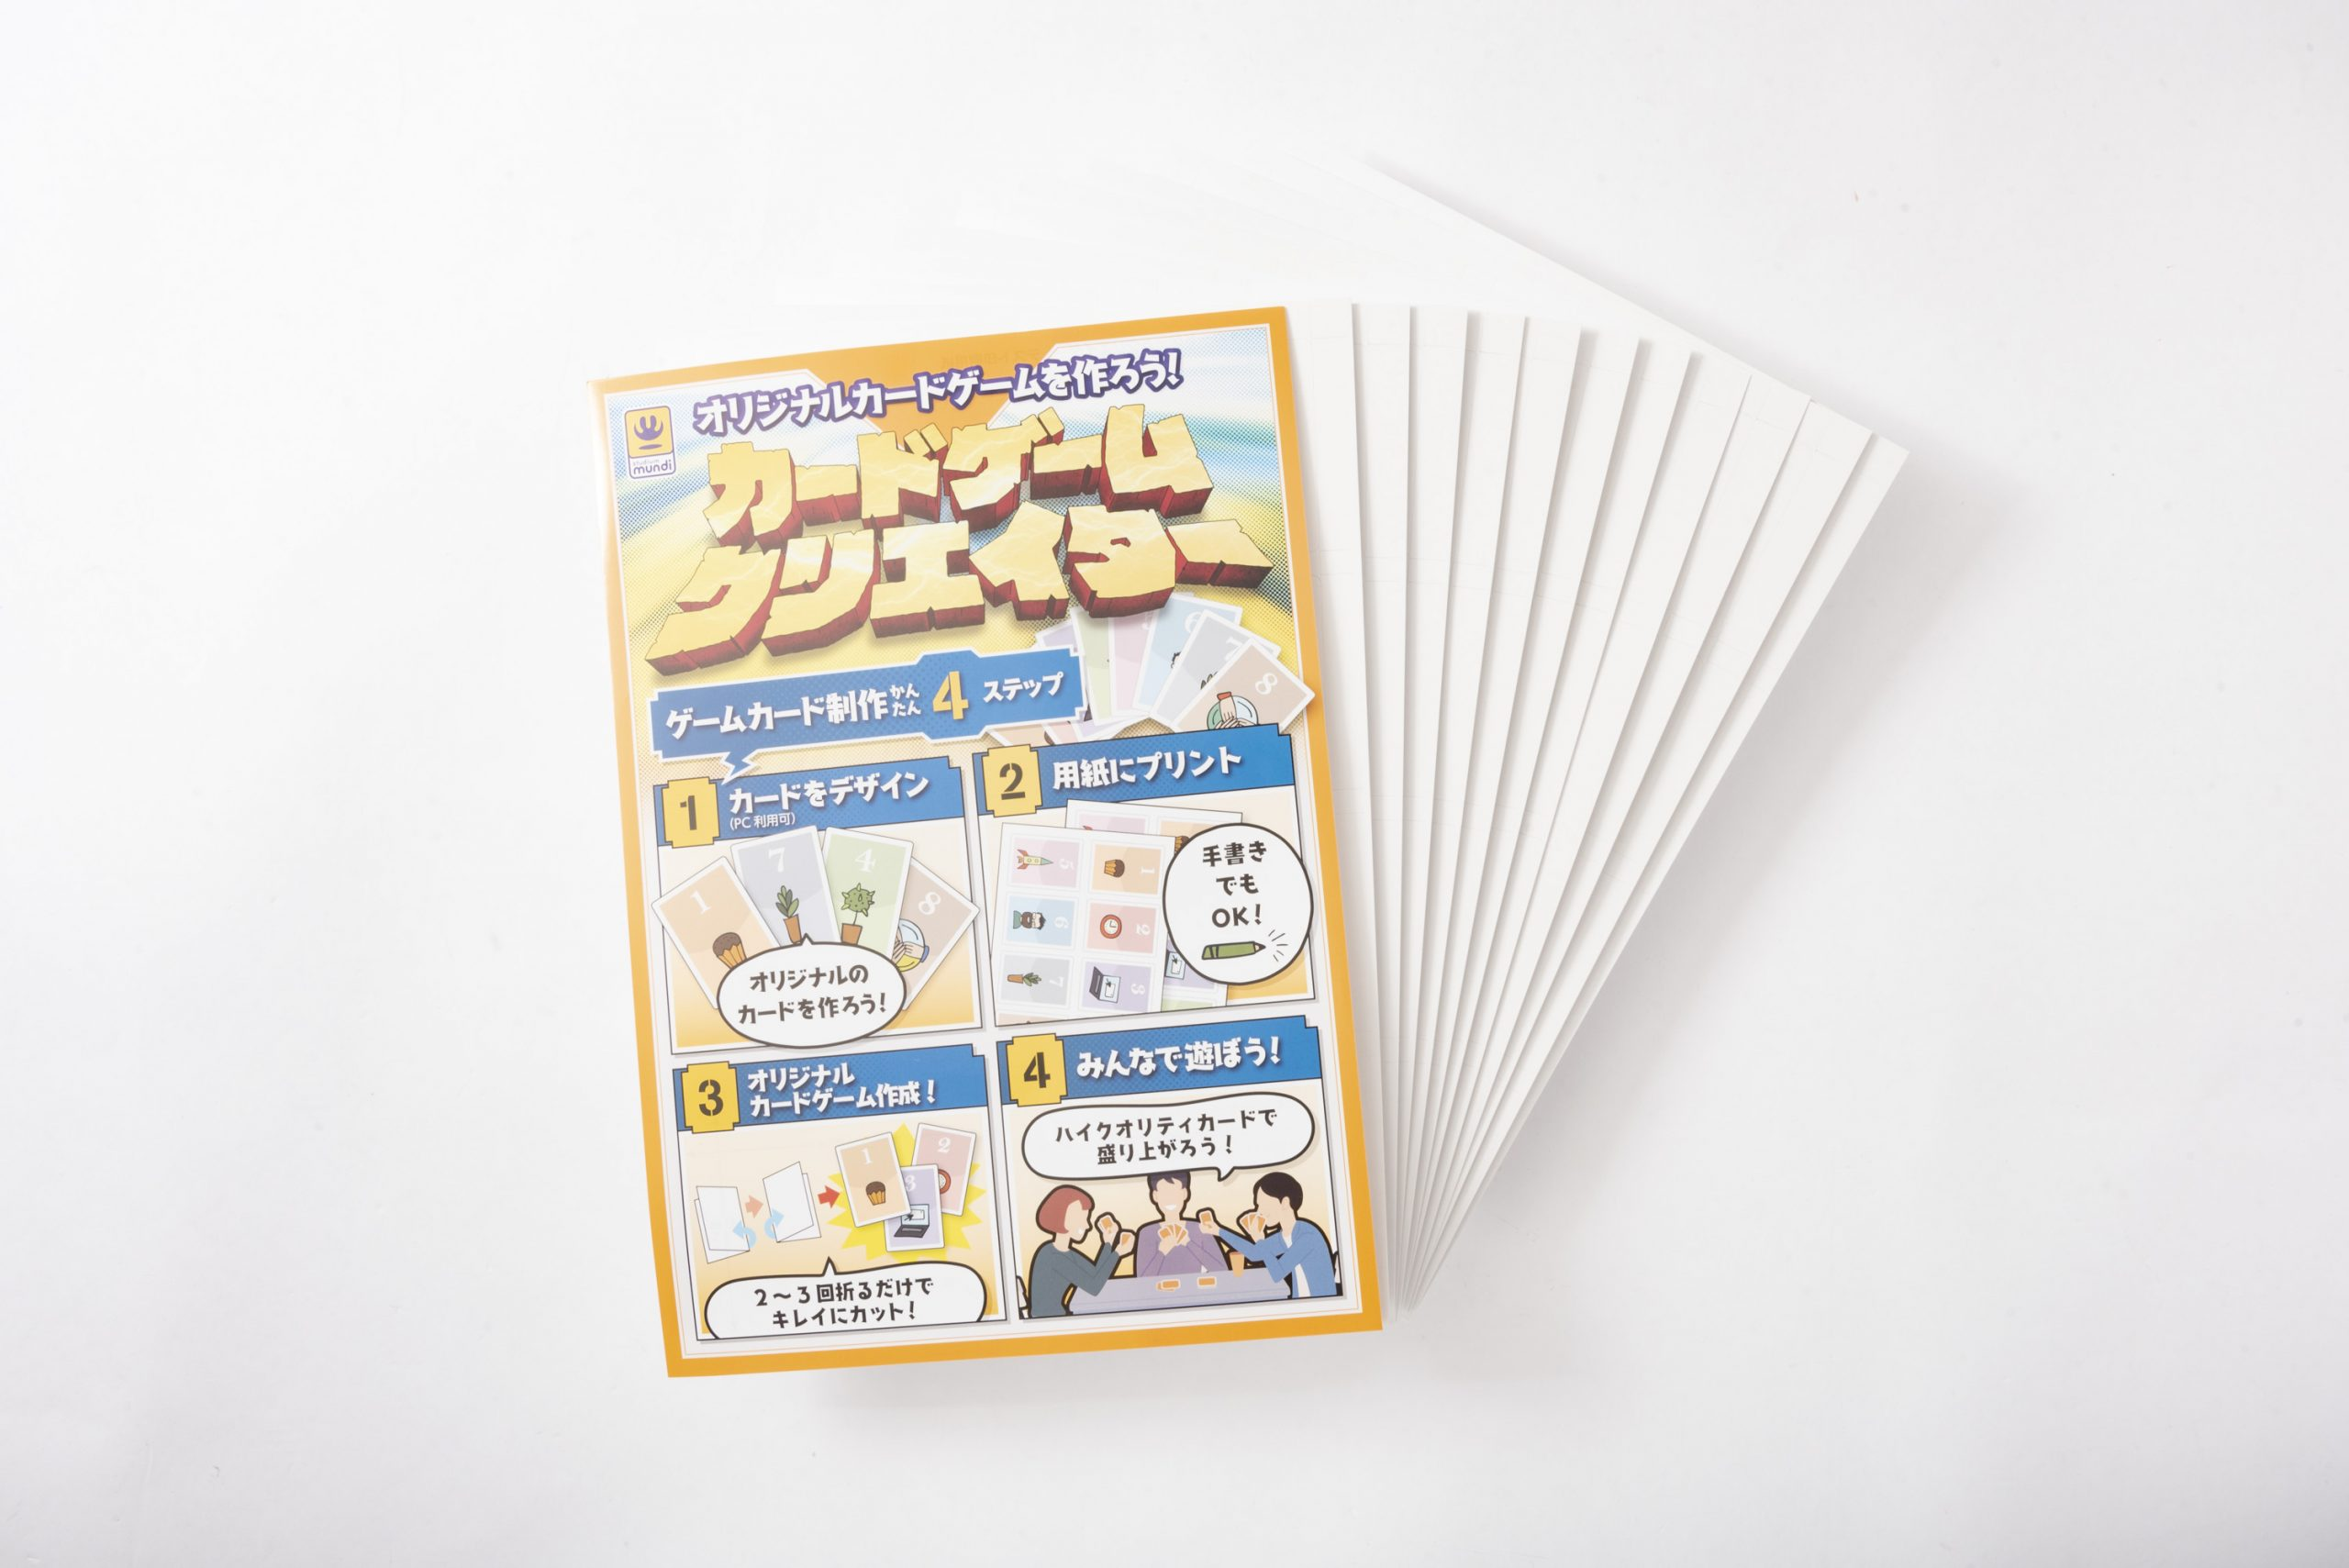 カードゲームクリエイター イメージ